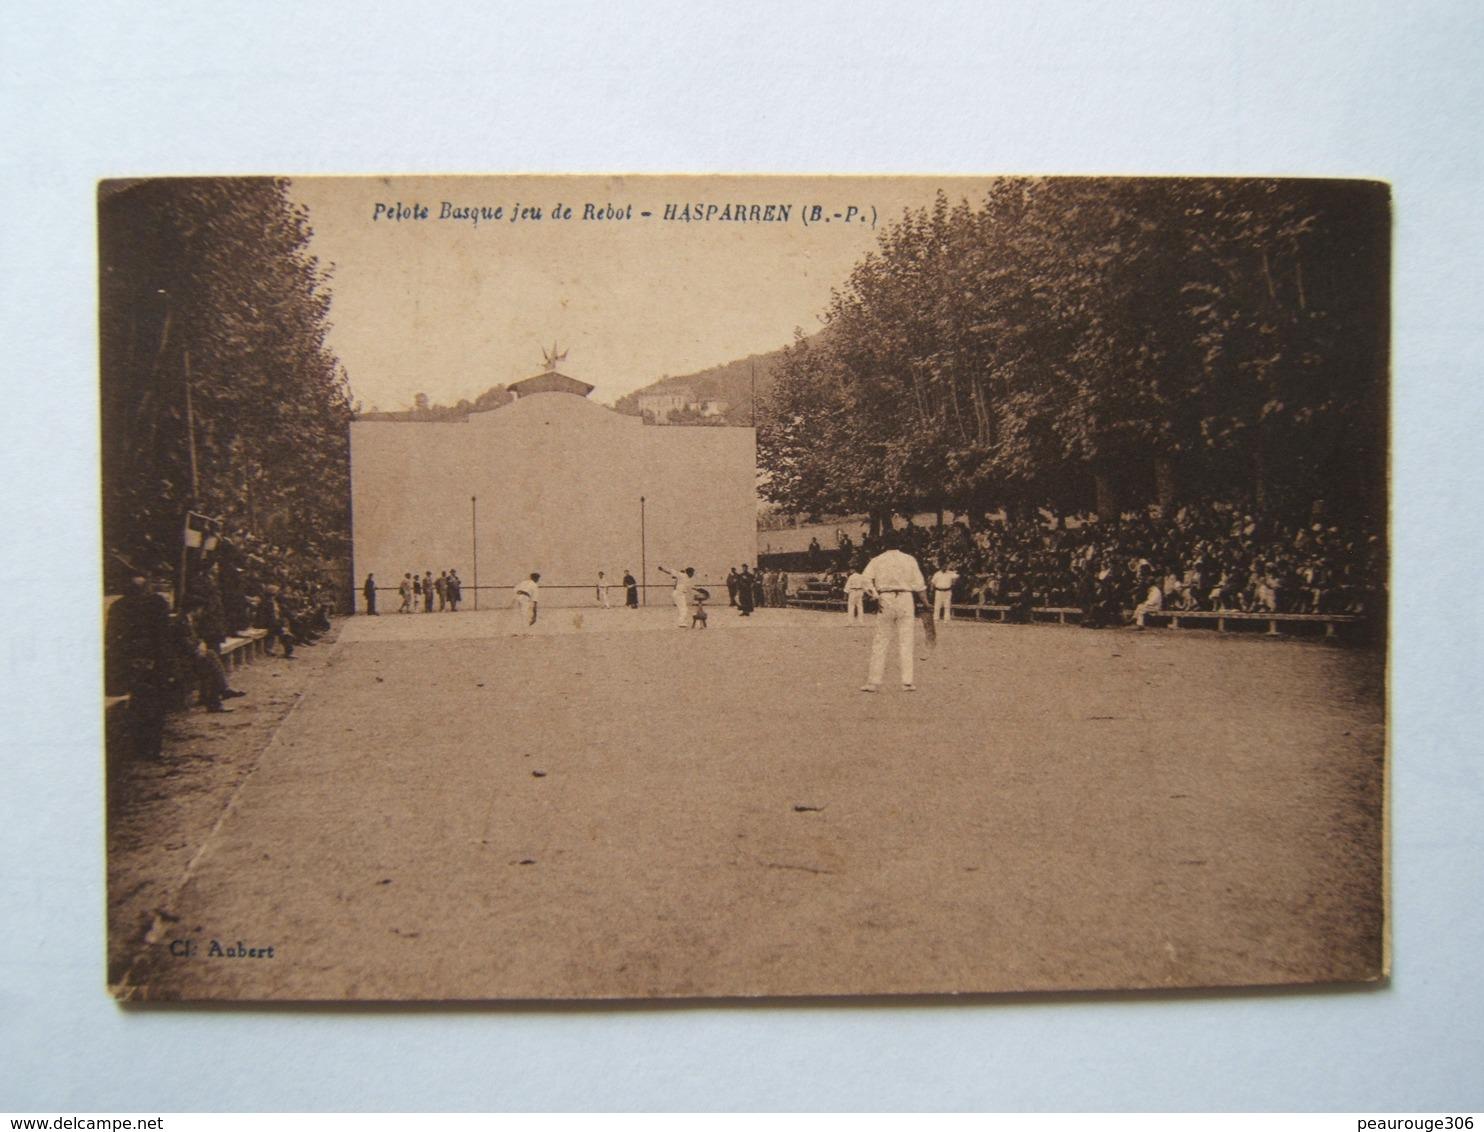 64## HASPARREN: Pelote Basque, Jeu De Rebot                                   CPA - Hasparren